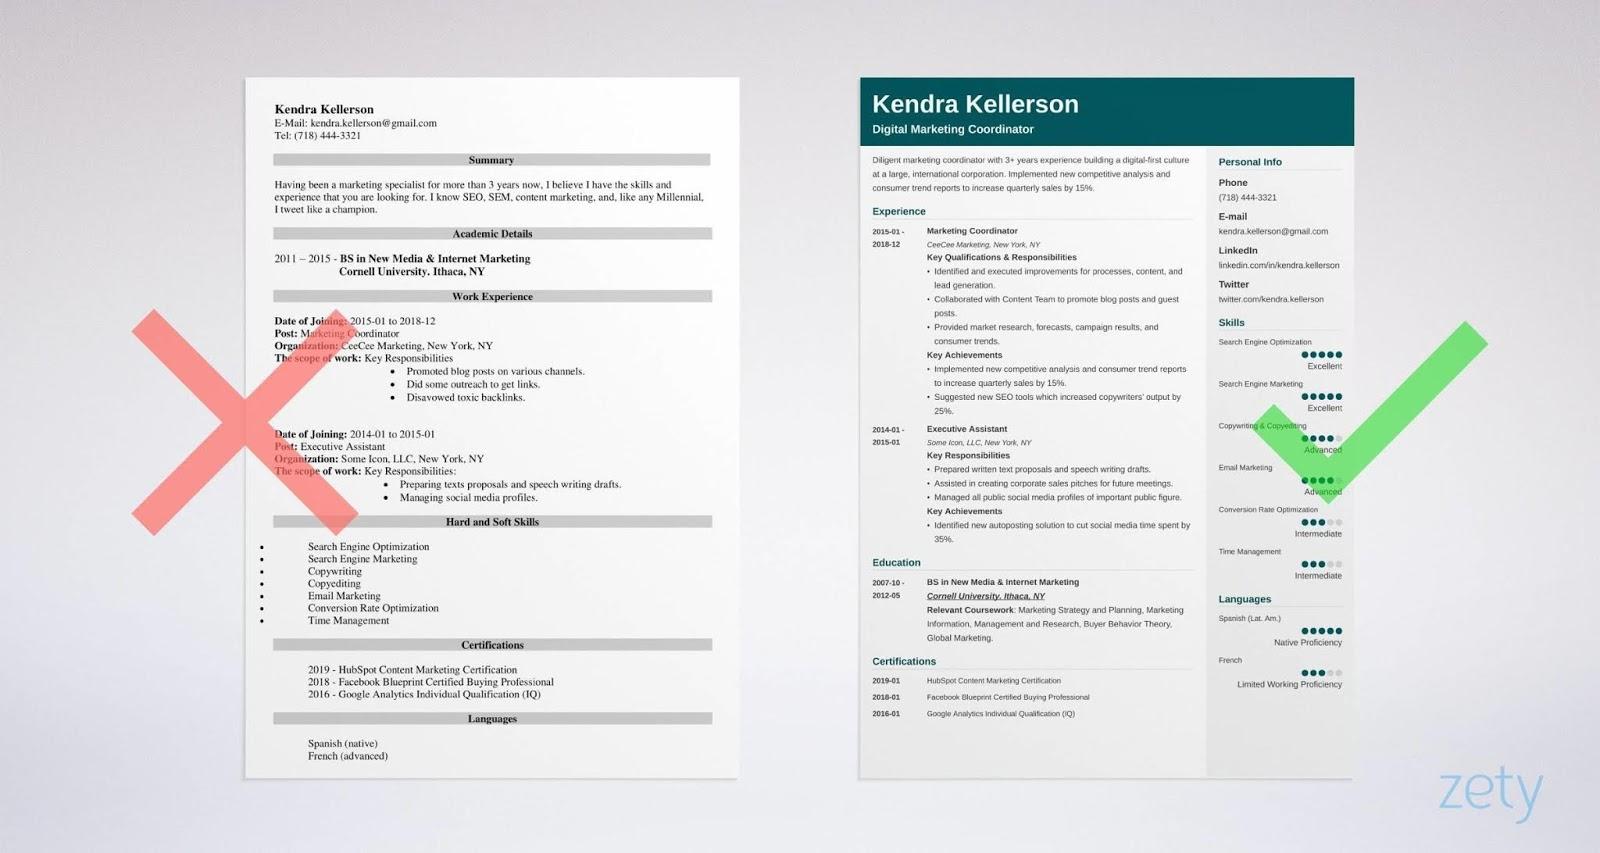 social media resume template 2019 , social media cv template 2020, social media manager resume template,social media manager cv template, social media cv template free,